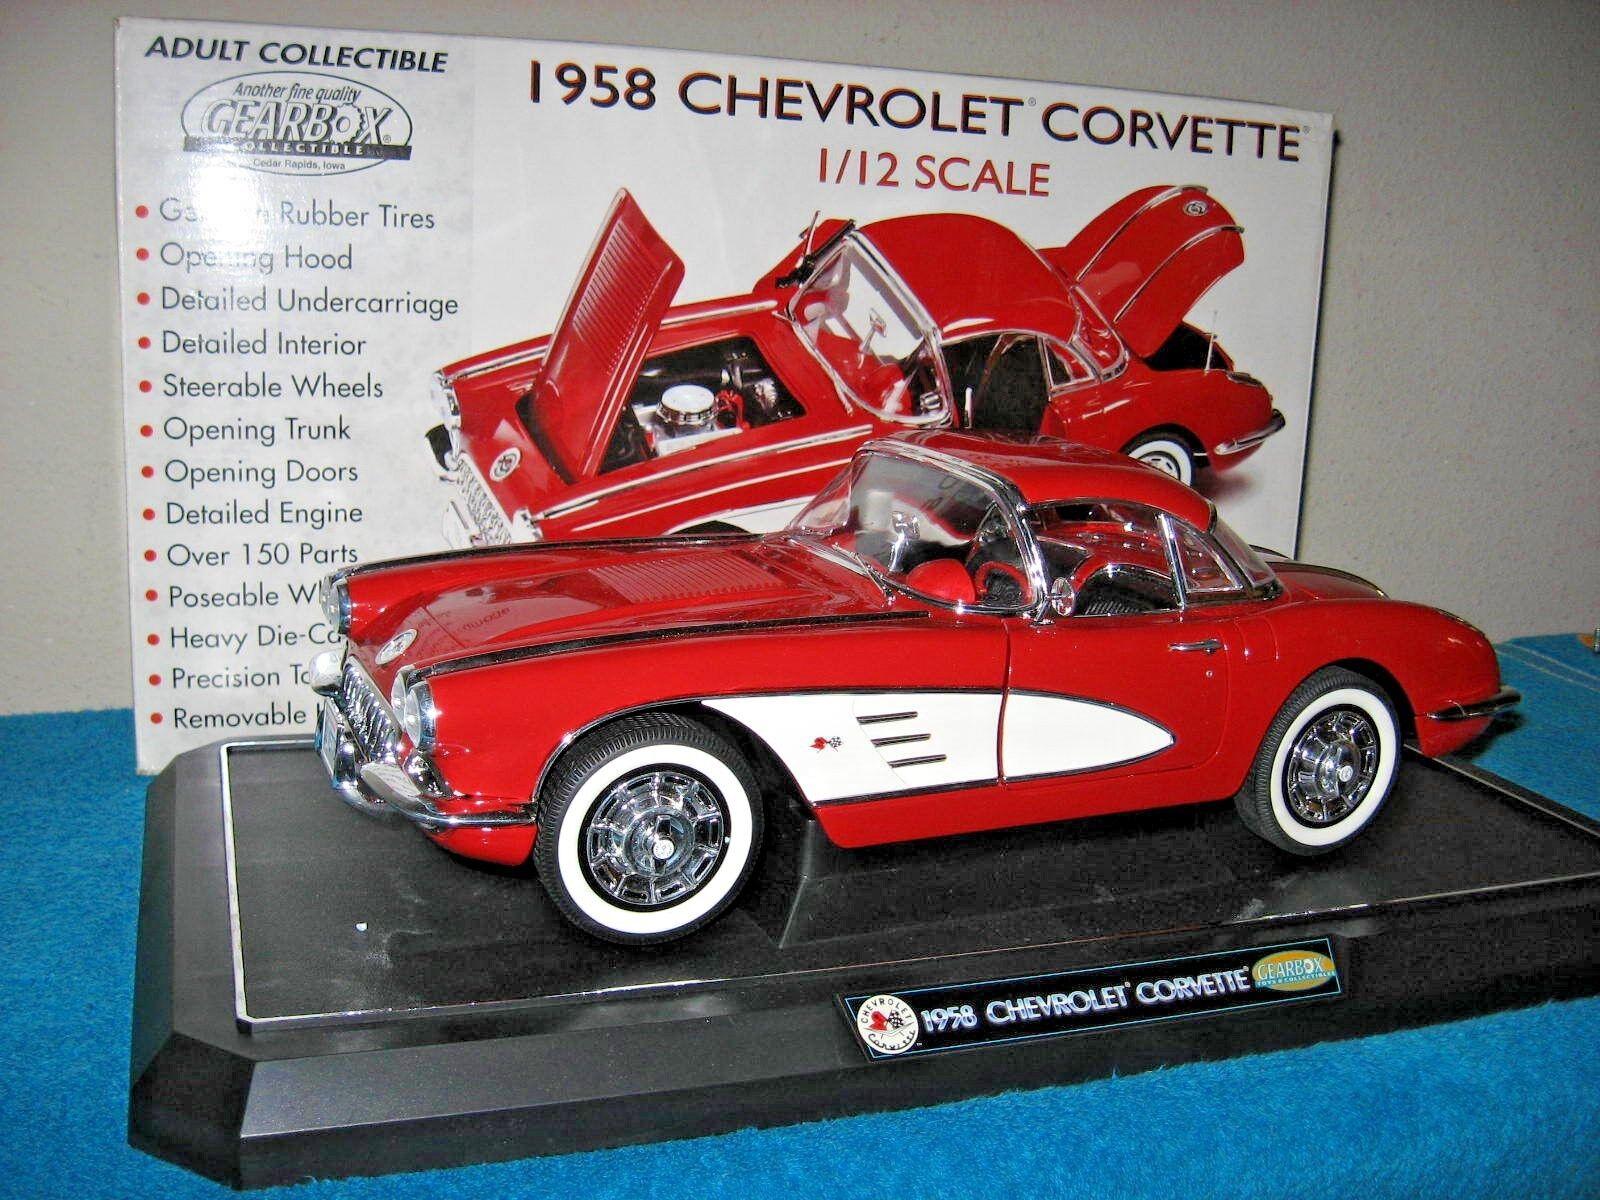 HUGE 1958 CHEVROLET CORVETTE rosso/bianca  1:12  OPENING DOORS HOOD & TRUNK GEARBOX